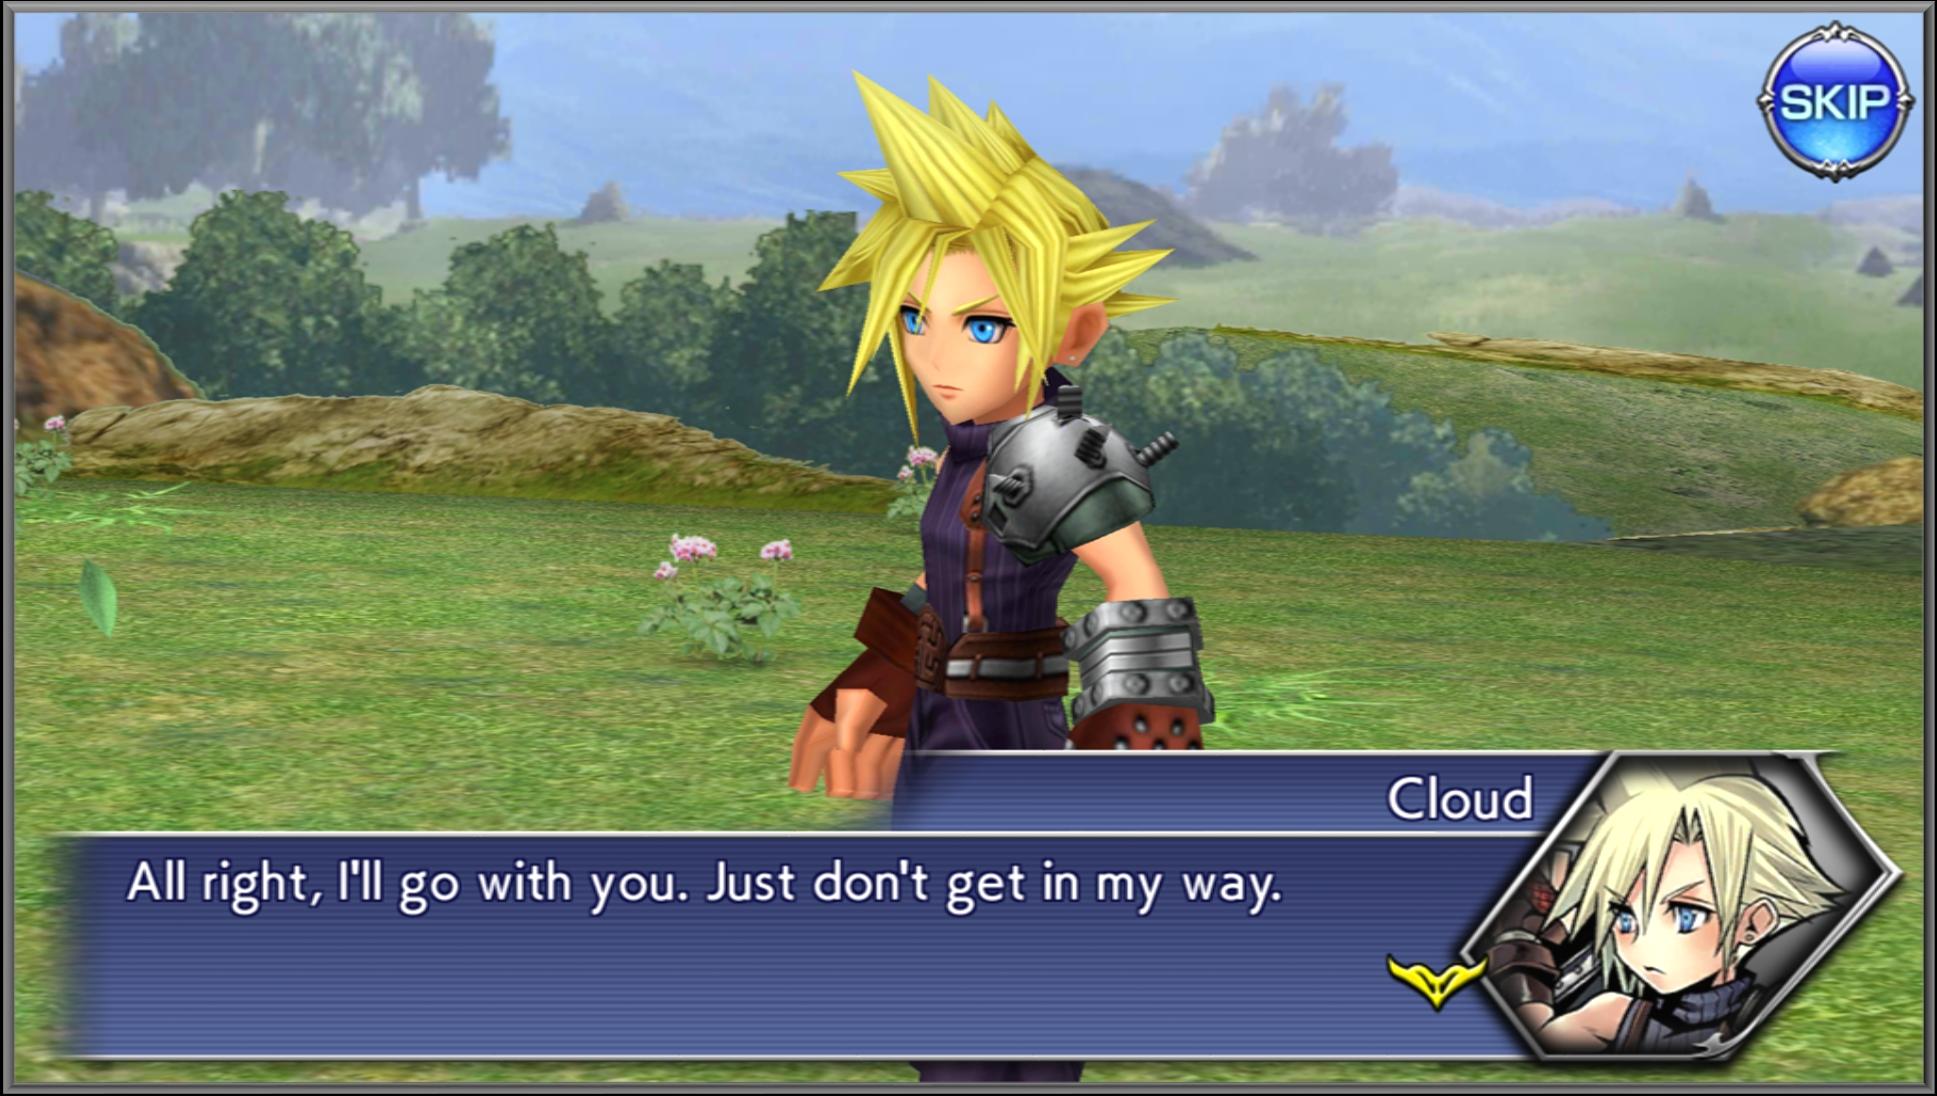 Dissidia Final Fantasy: Opera Omnia k nám dorazí koncem roku 155006